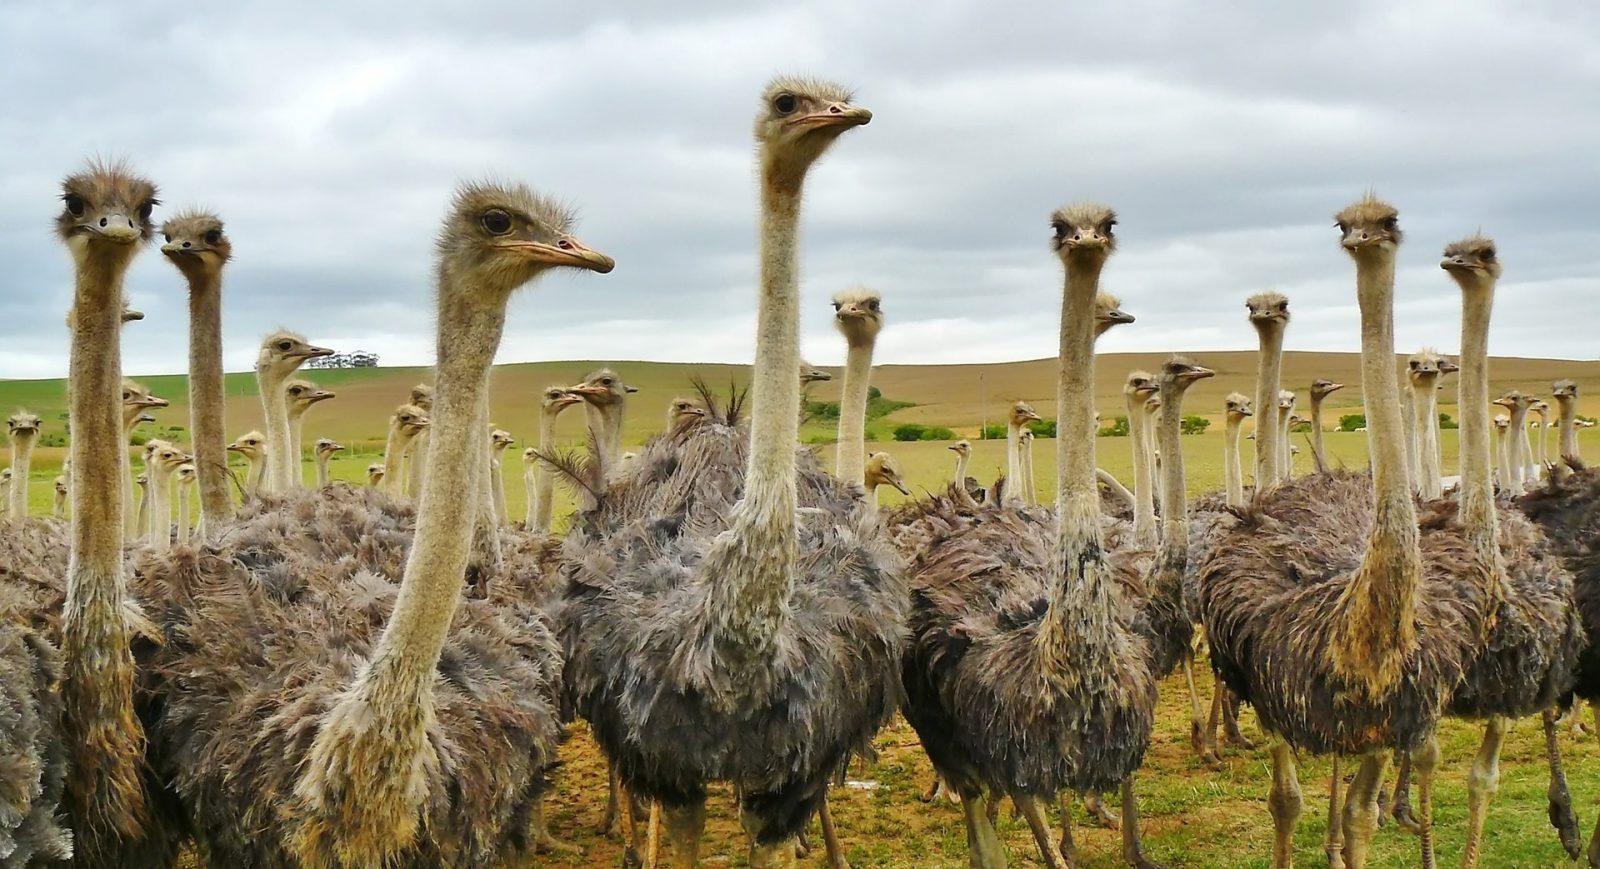 Ao primeiro sinal de perigo o avestruz corre em disparada.